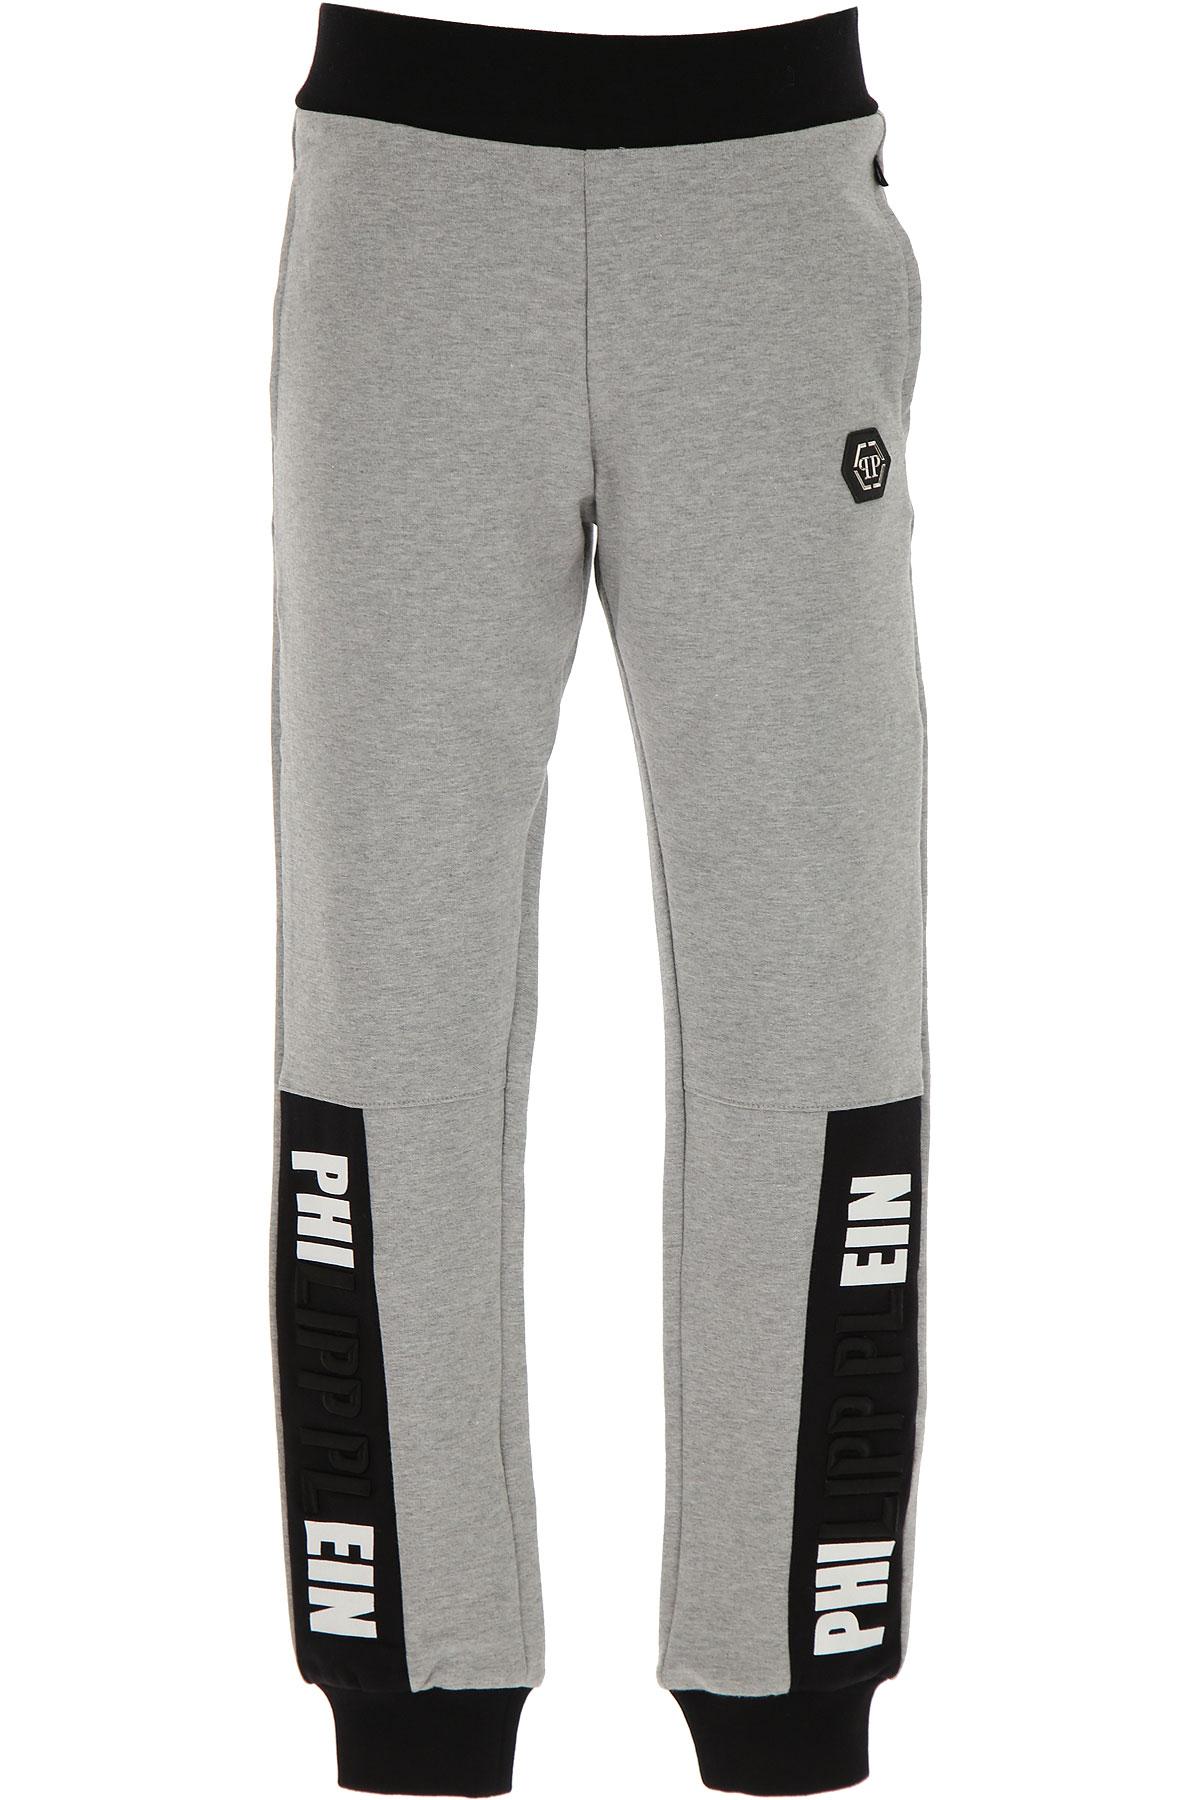 Philipp Plein Kids Sweatpants for Boys On Sale, Grey, Cotton, 2019, 10Y 12Y 14Y 16Y 8Y